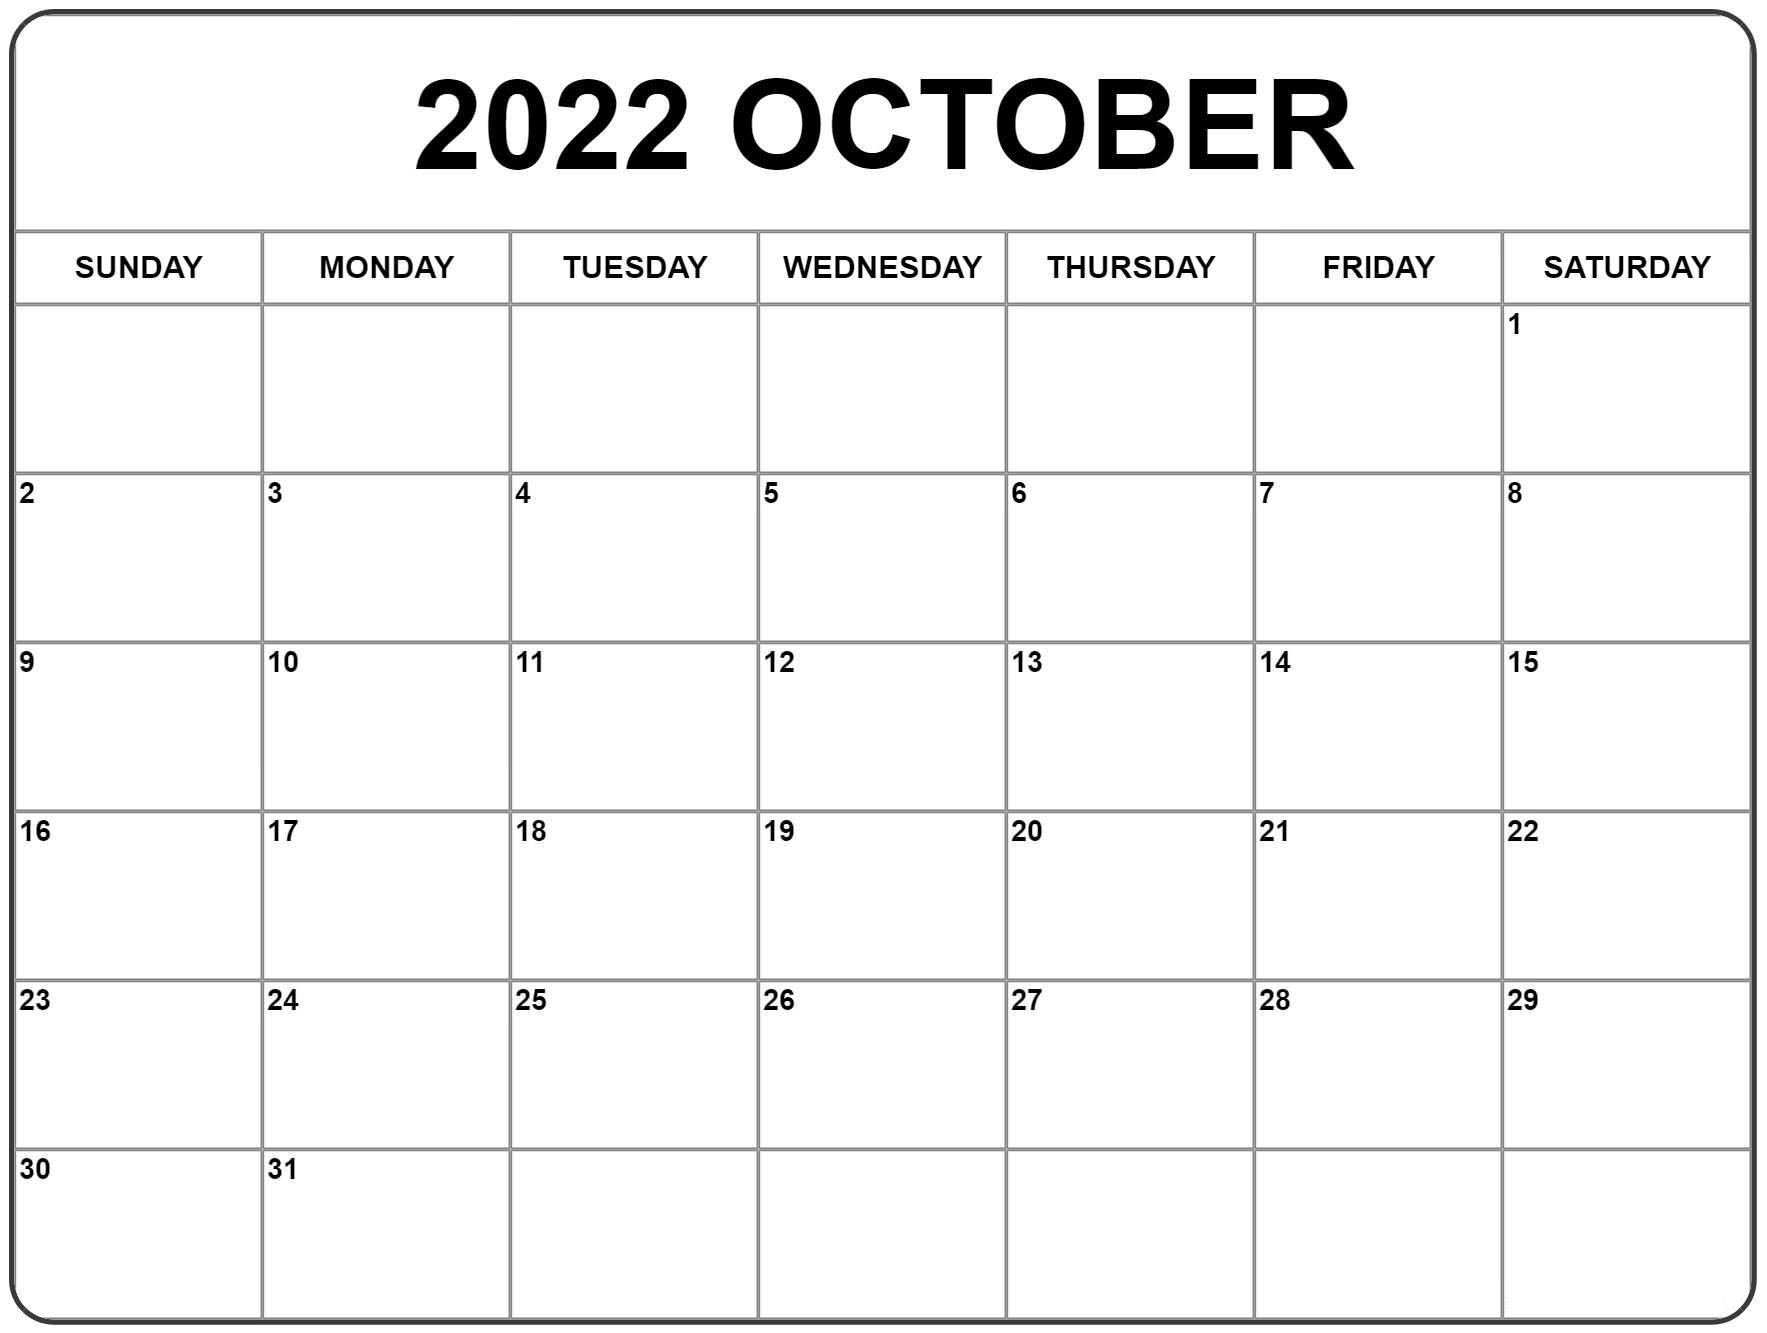 Printable 2022 Calendar with Week Number